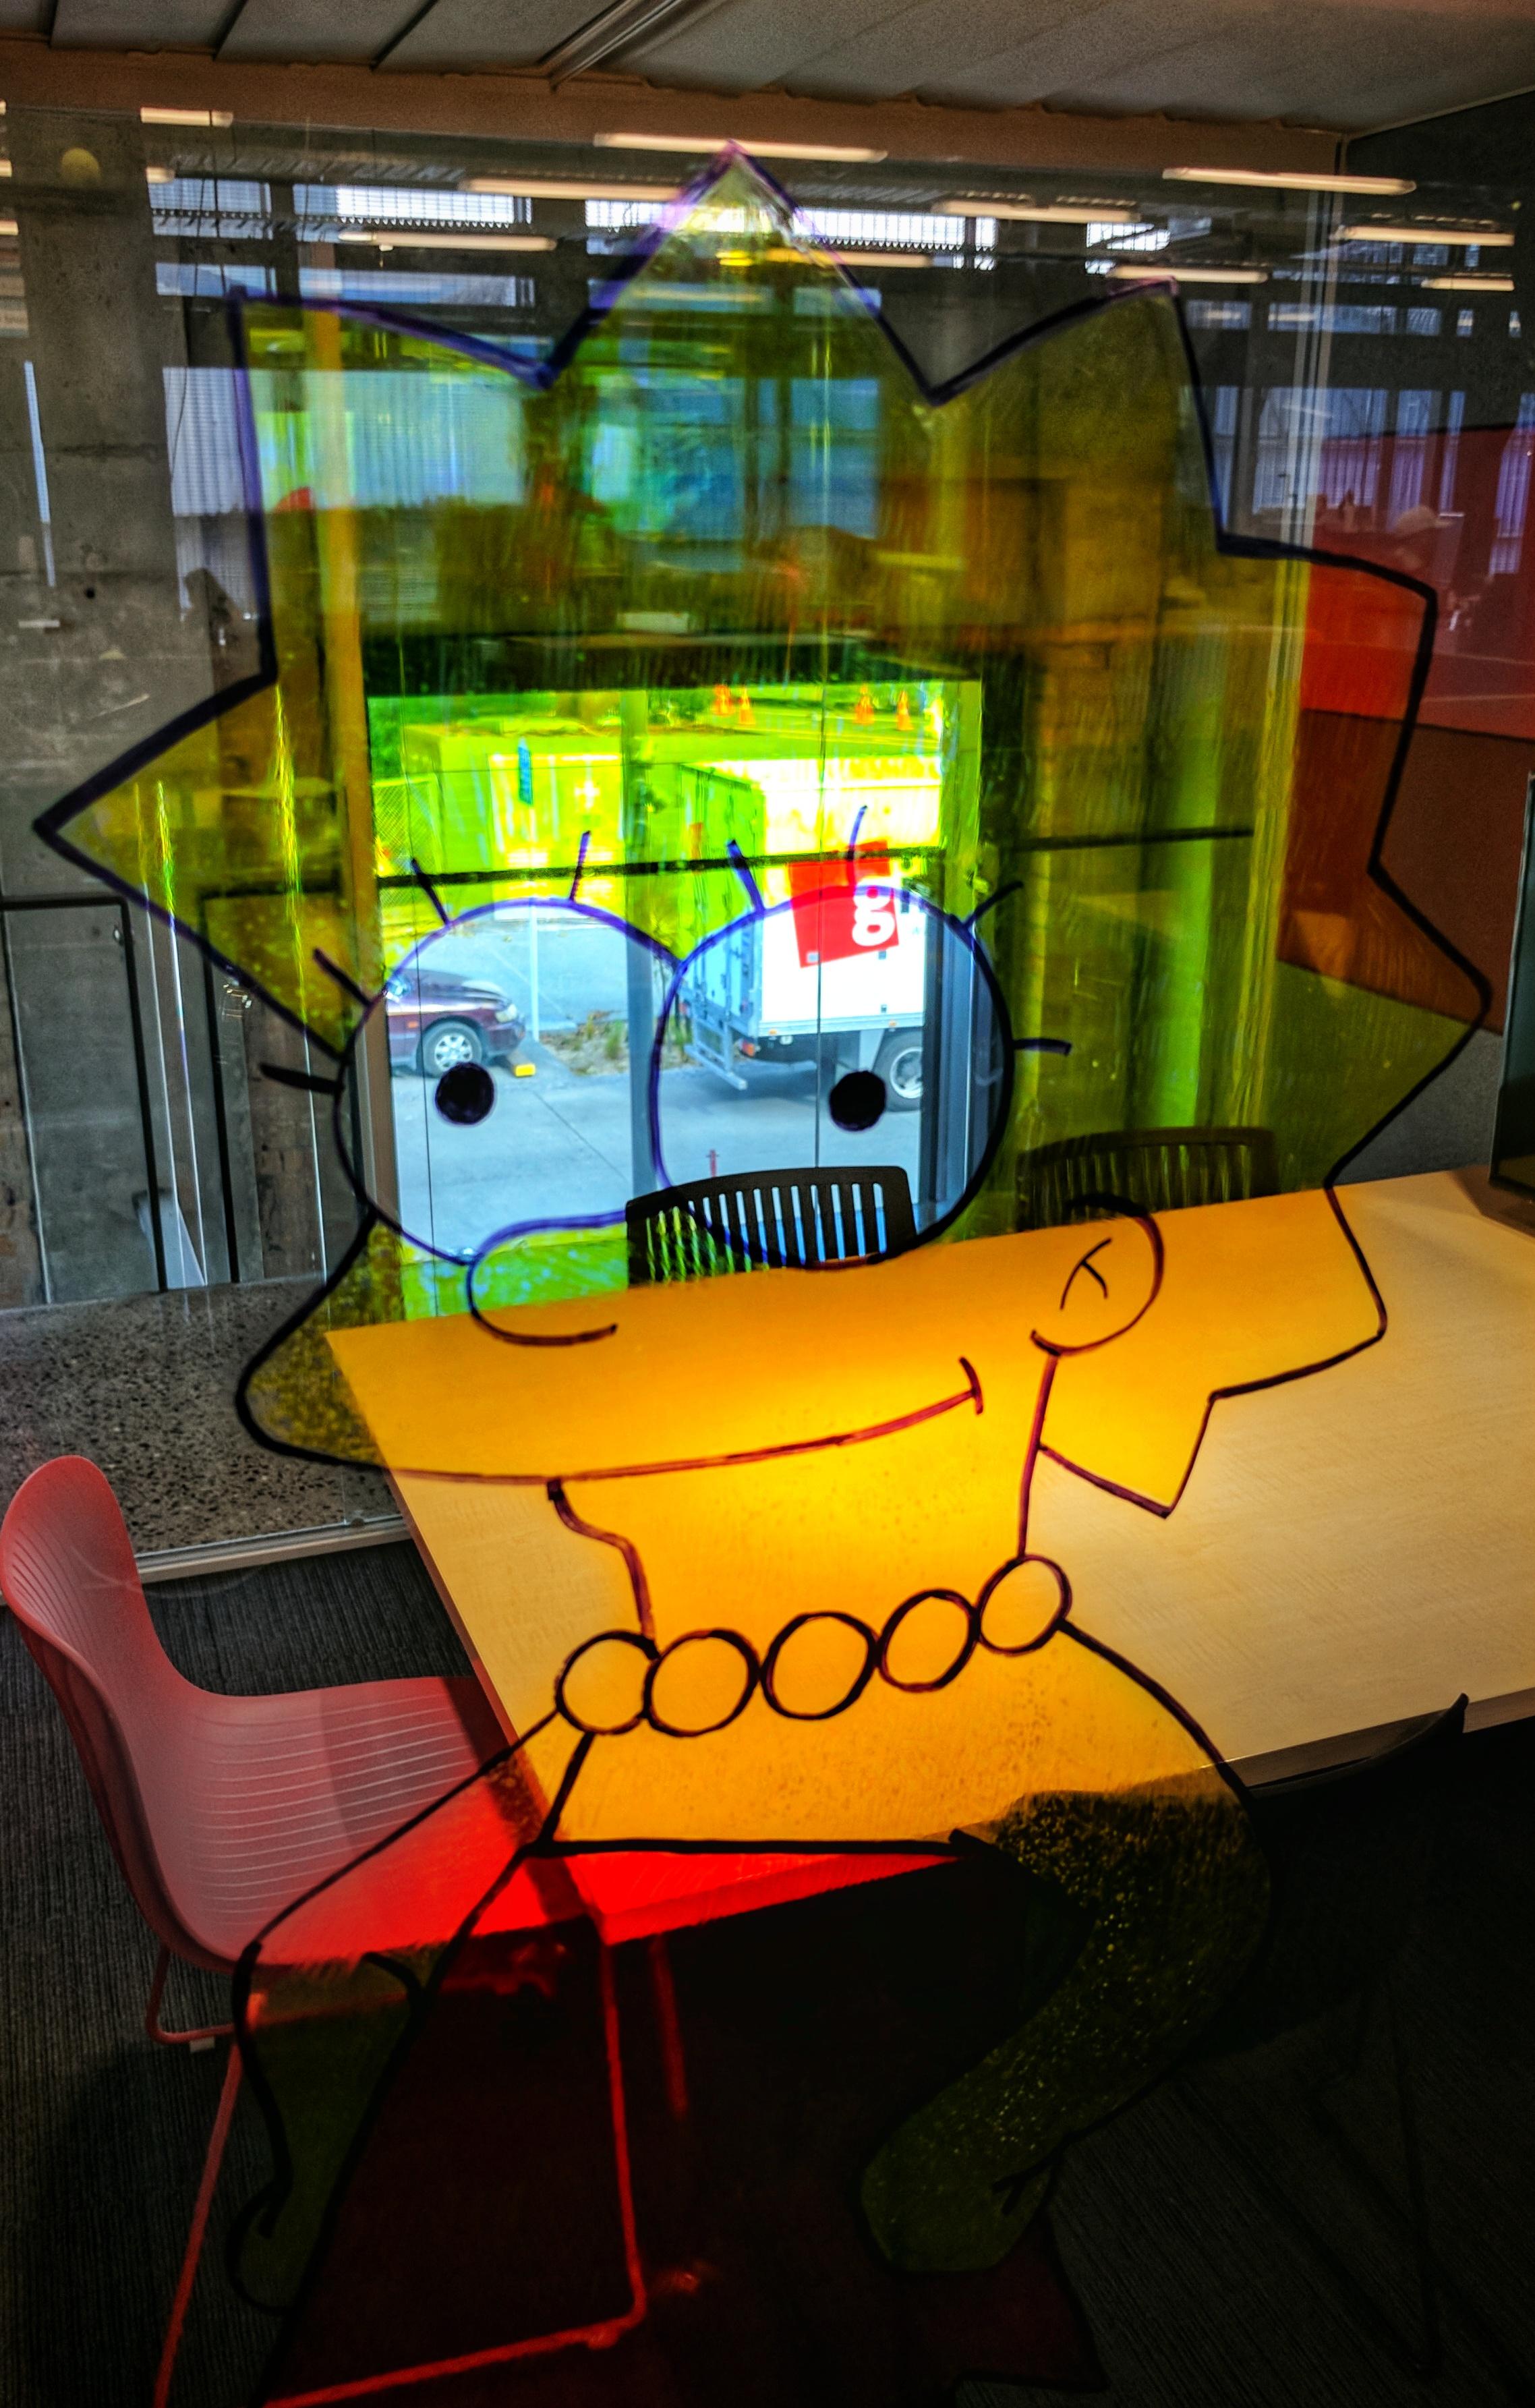 Lisa Simpson drawn on a GridAKL meeting room window